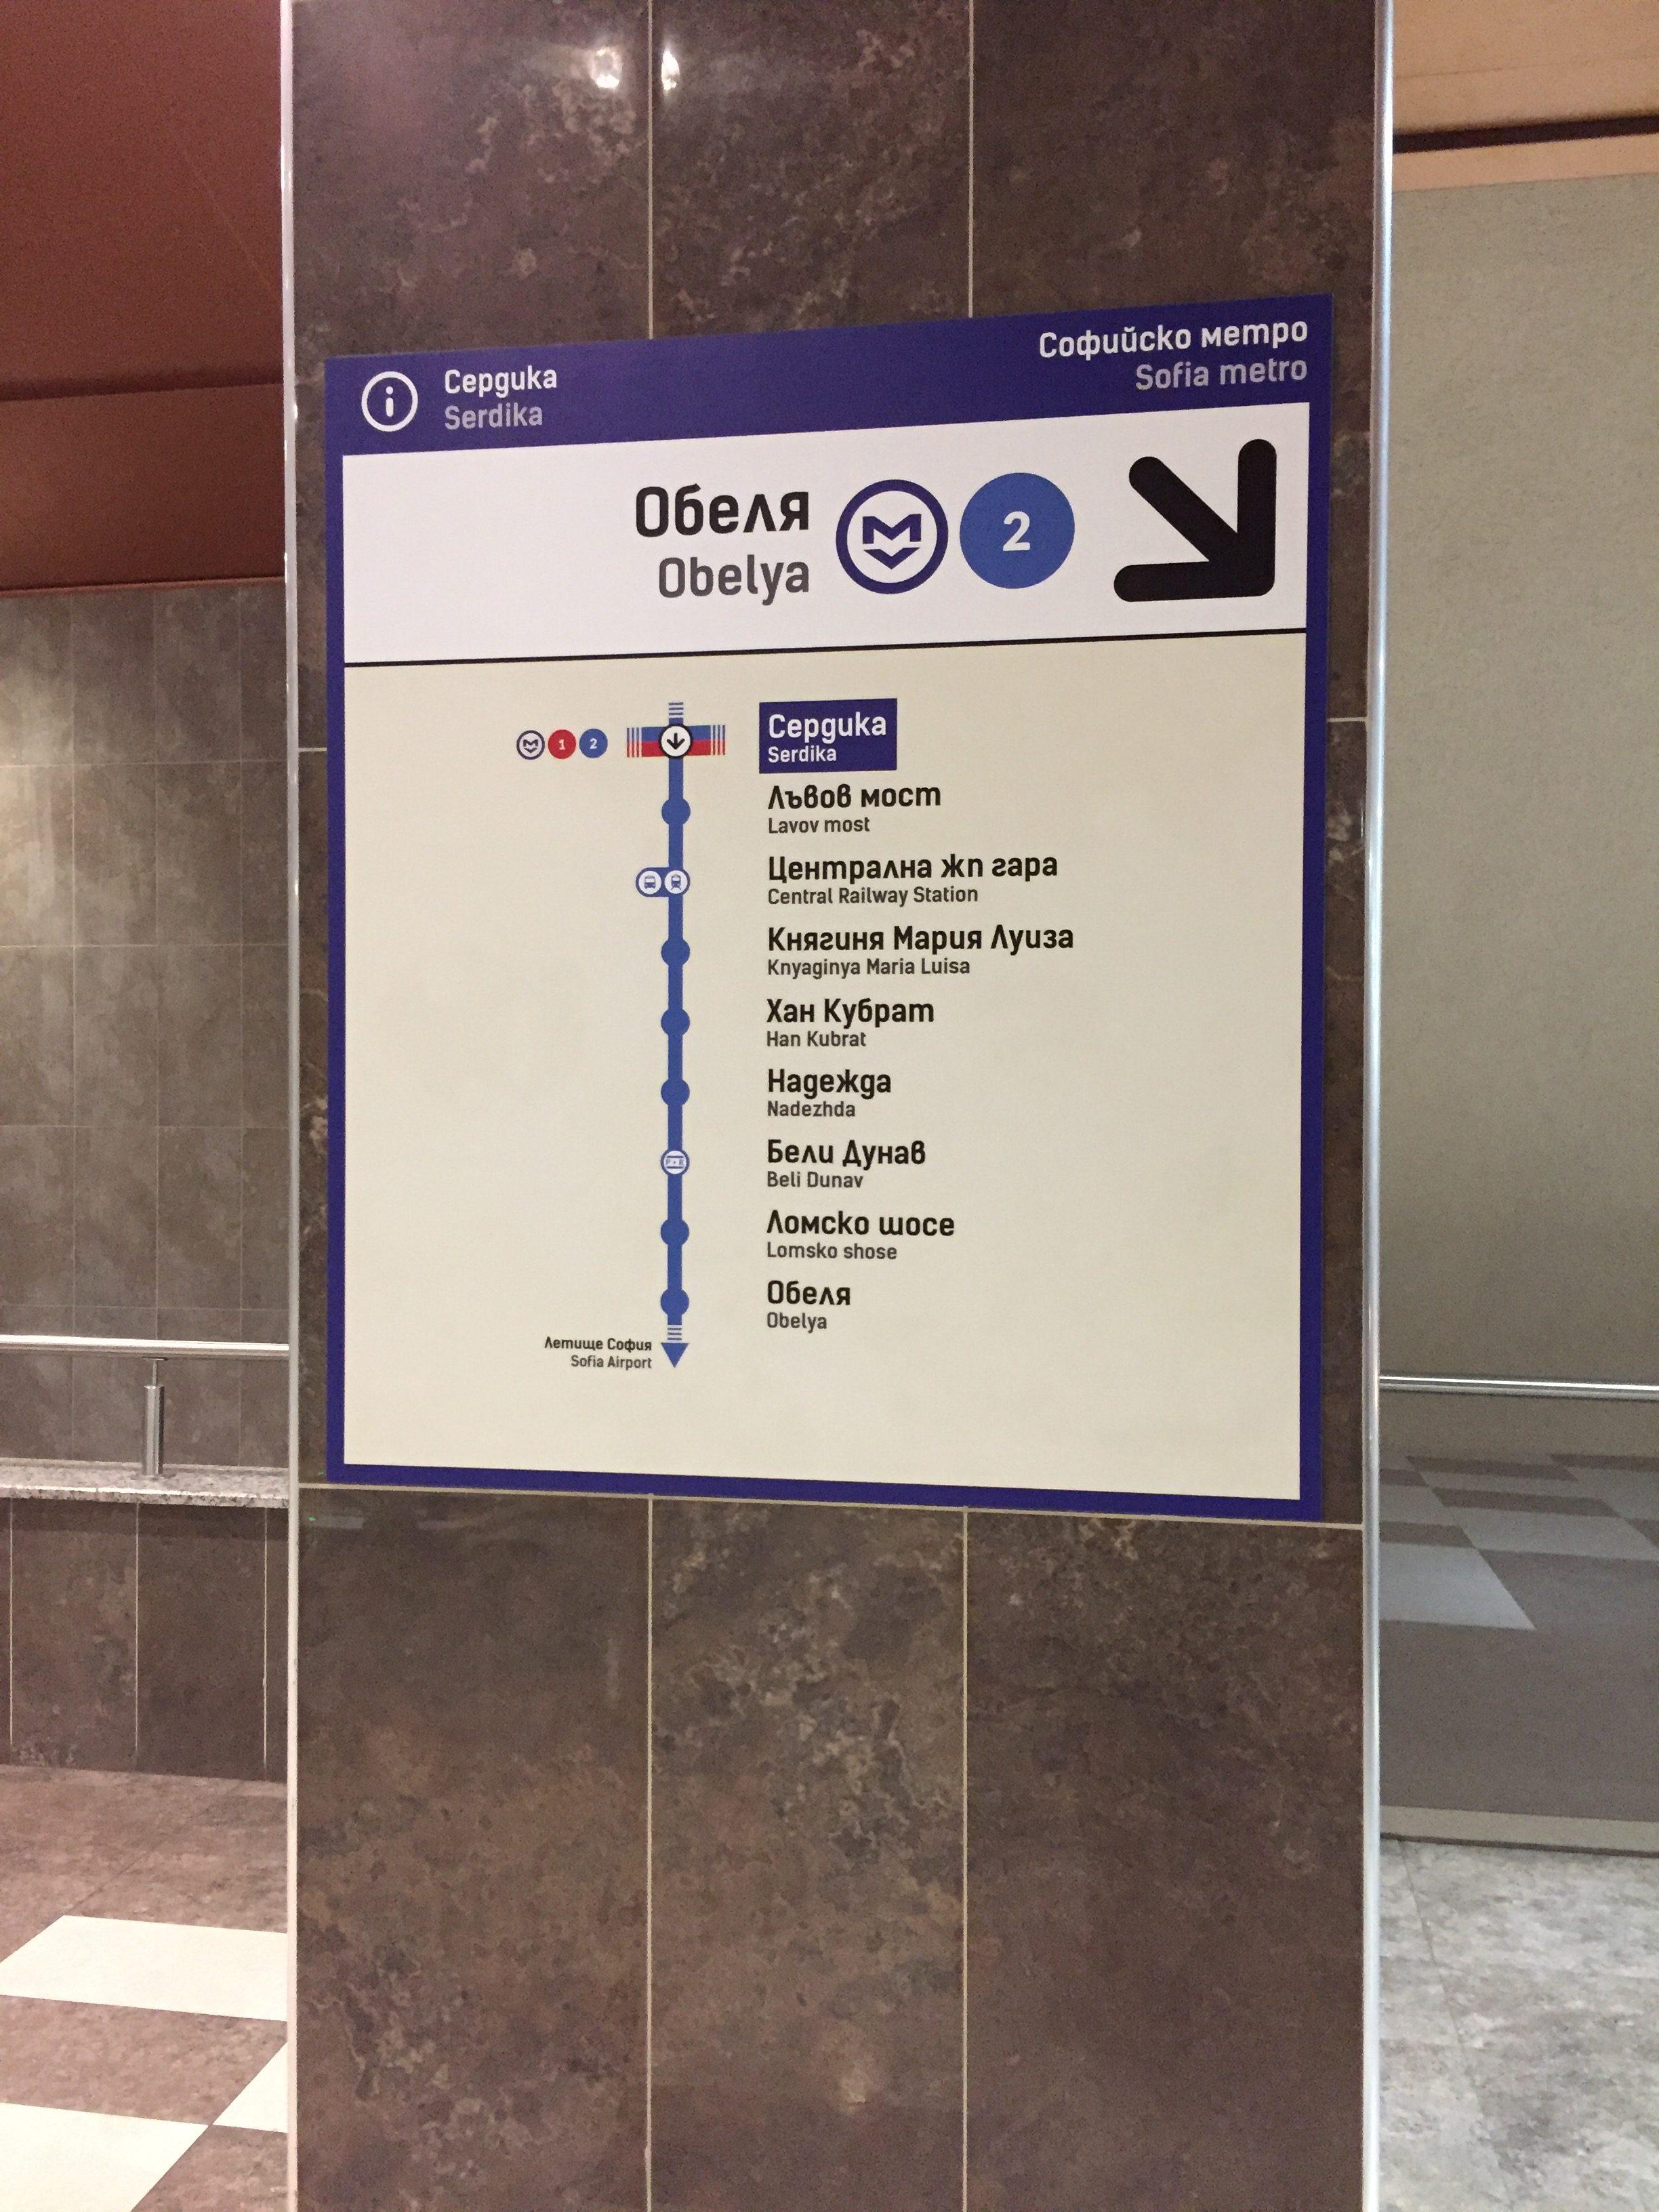 ソフィアメトロの路線図